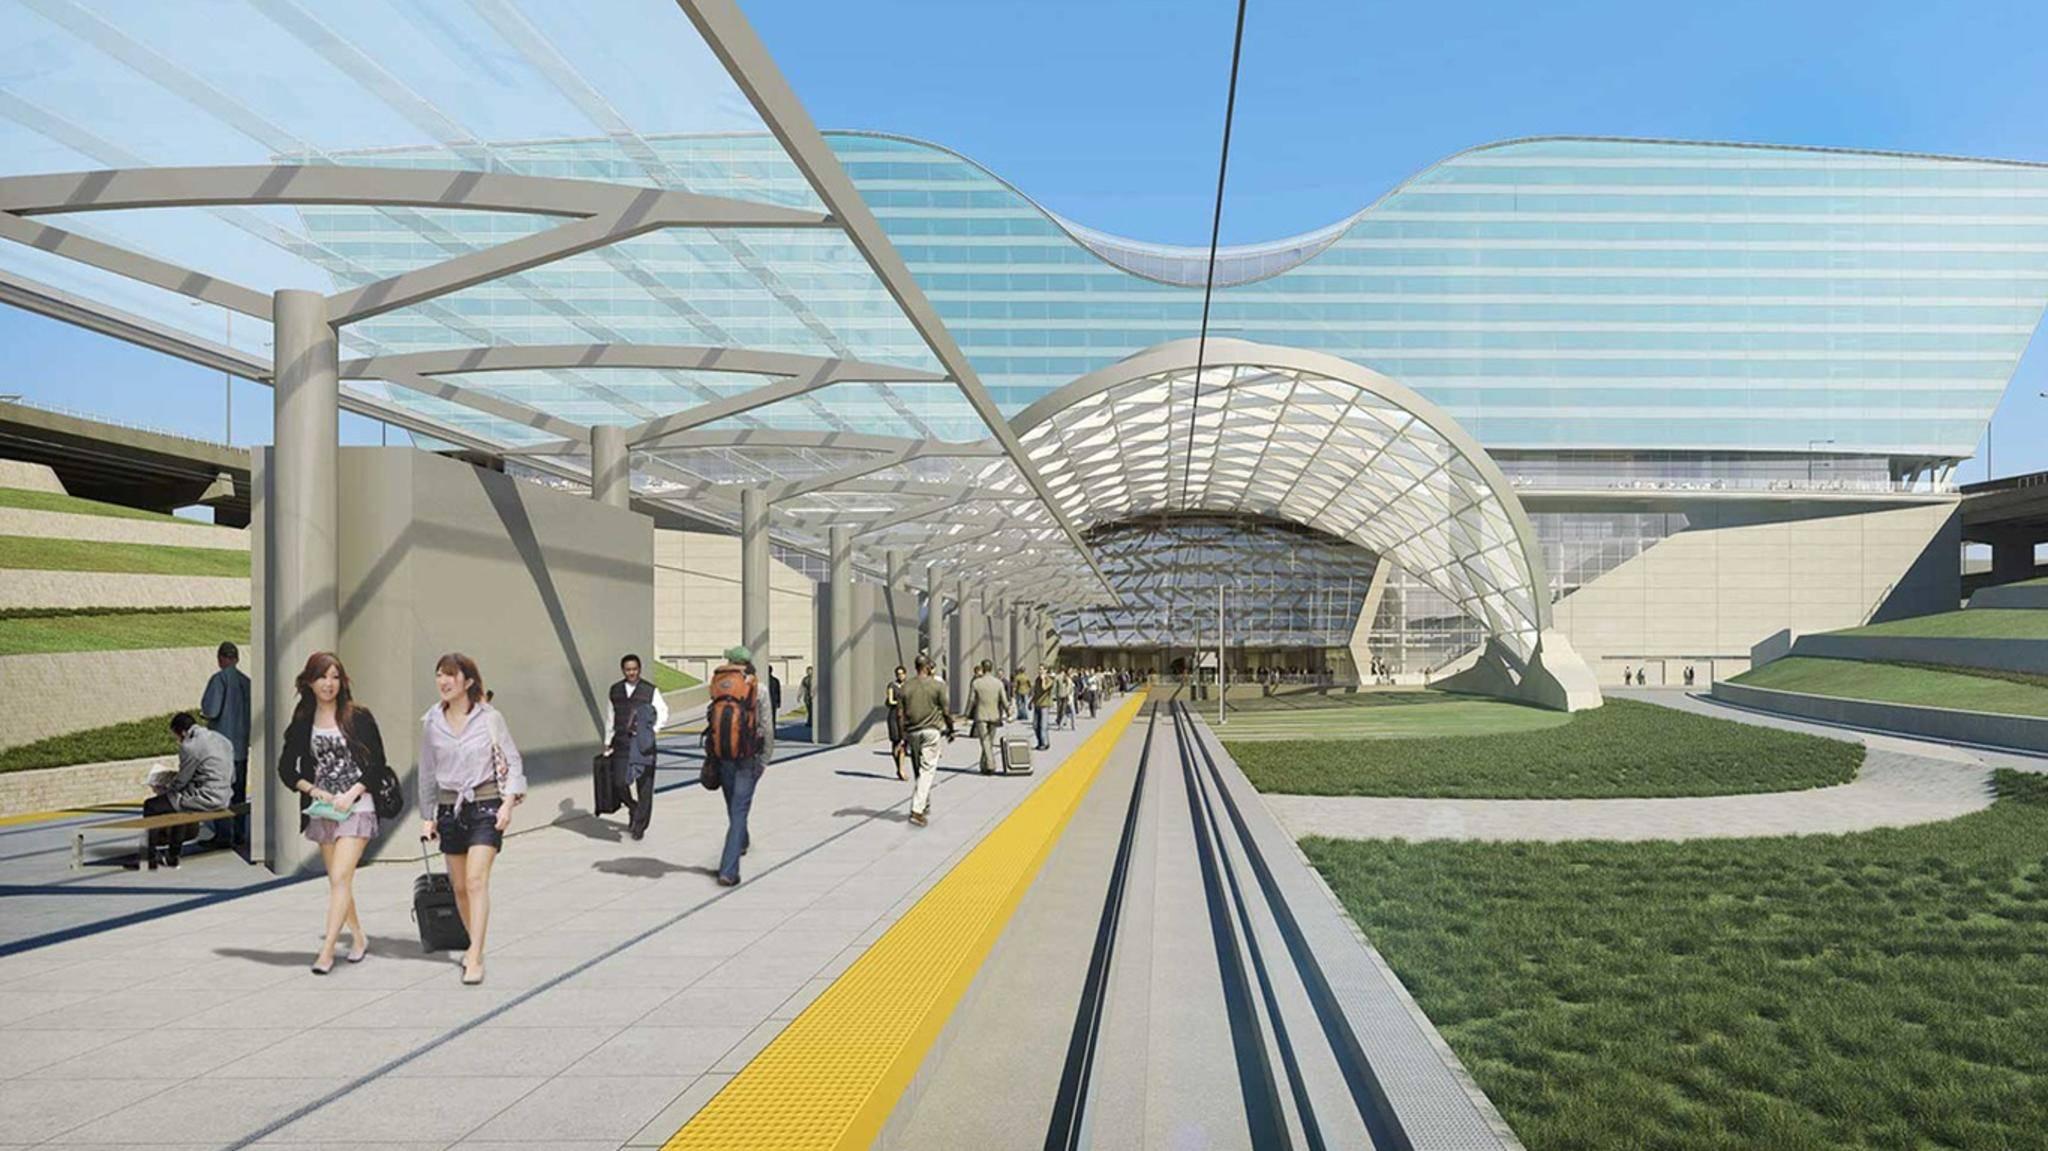 Panasonic möchte aus Teilen der US-Stadt Denver eine Smart City machen.